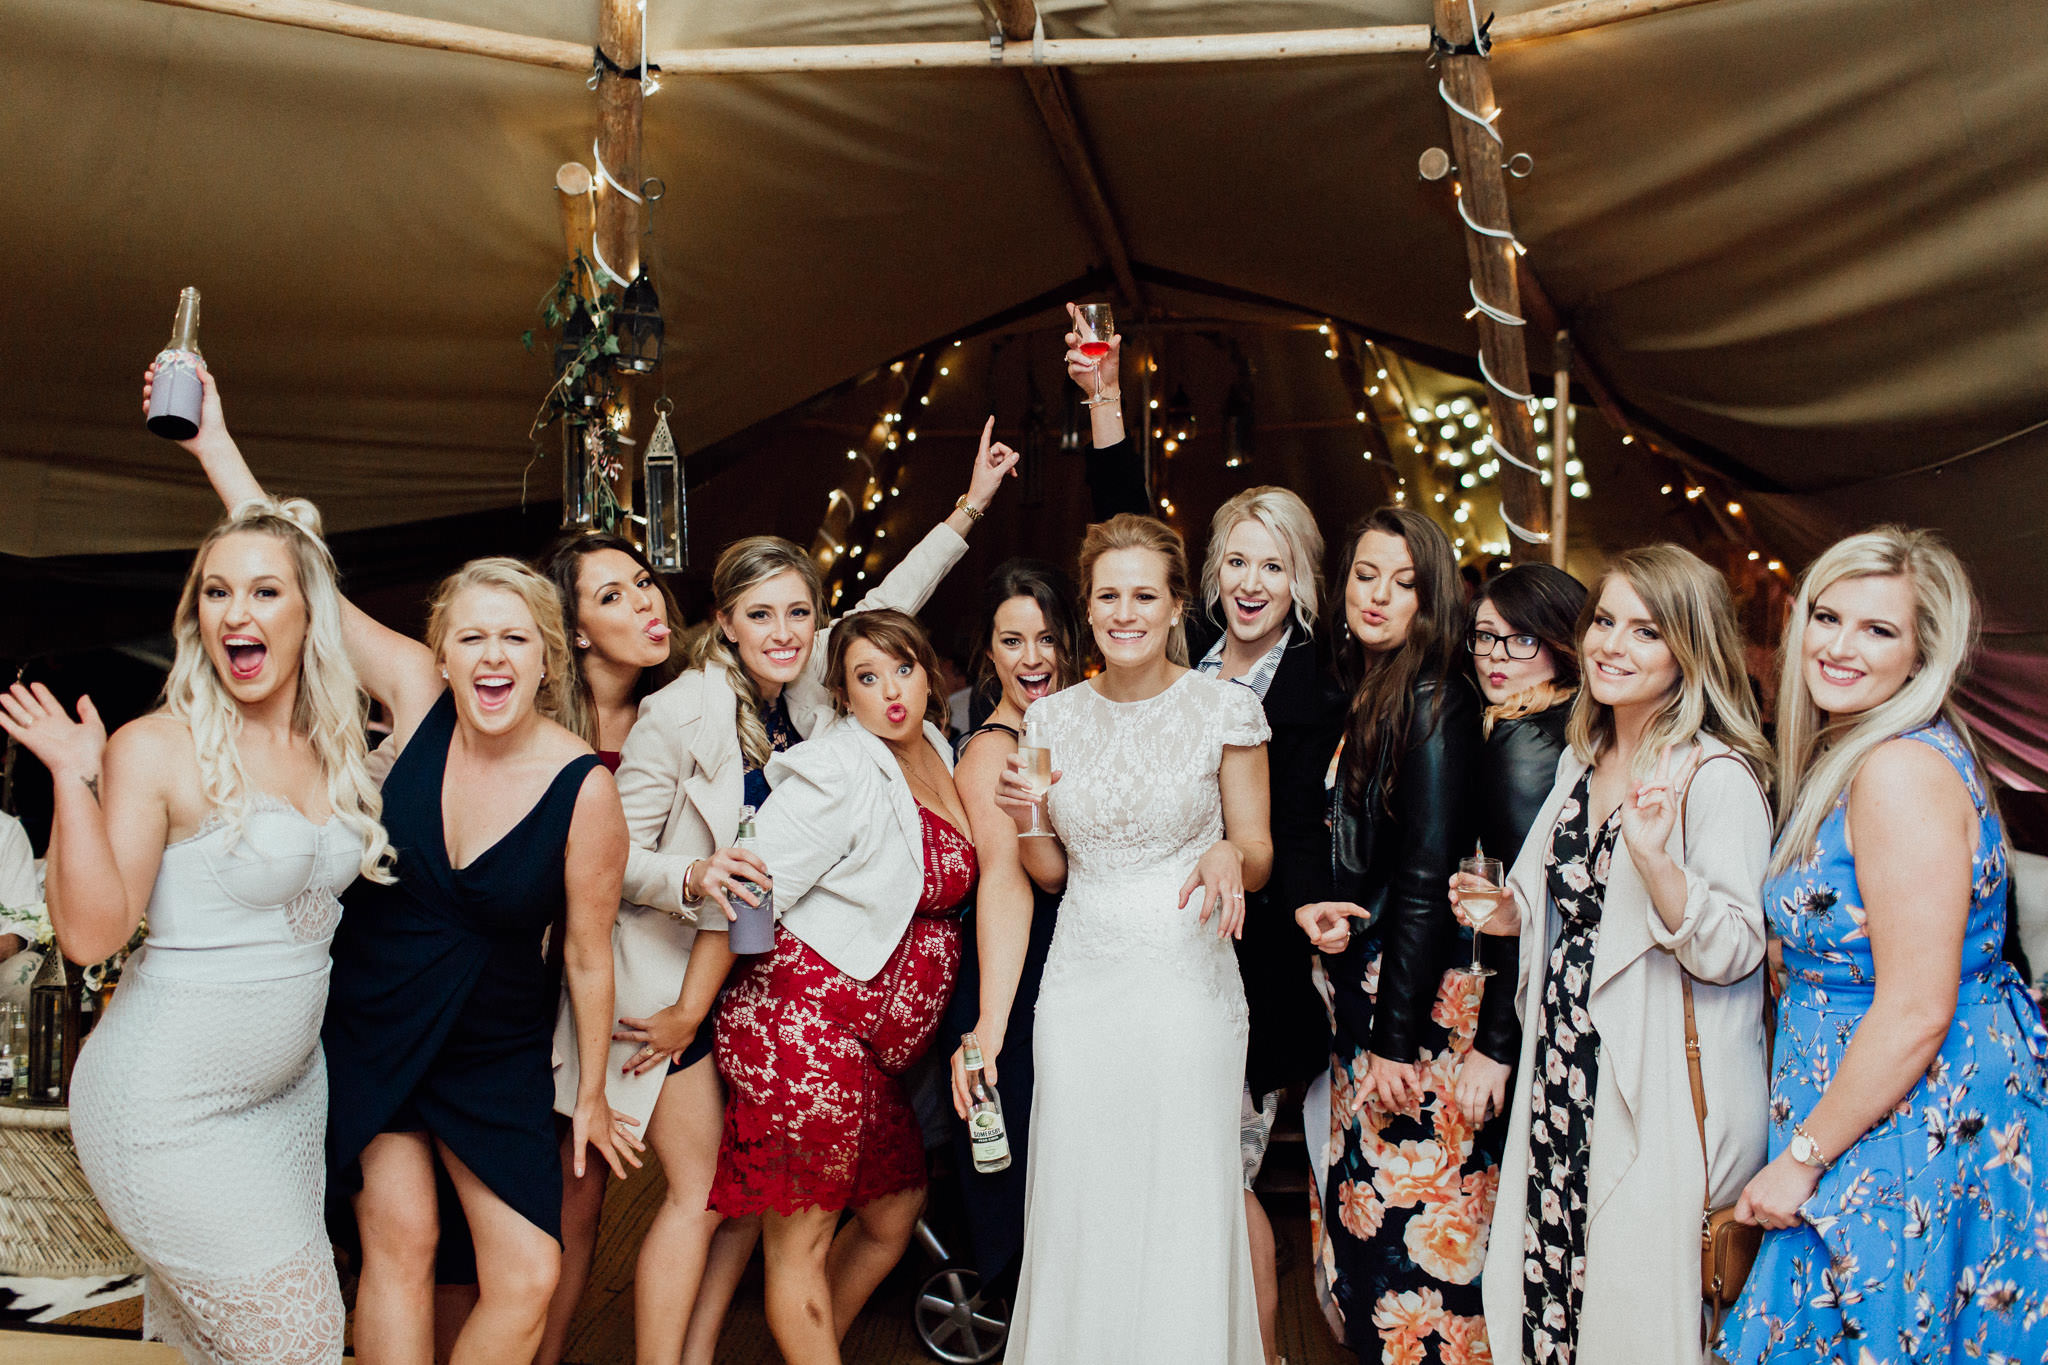 WeddingPhotos_Facebook_2048pixels-1798.jpg